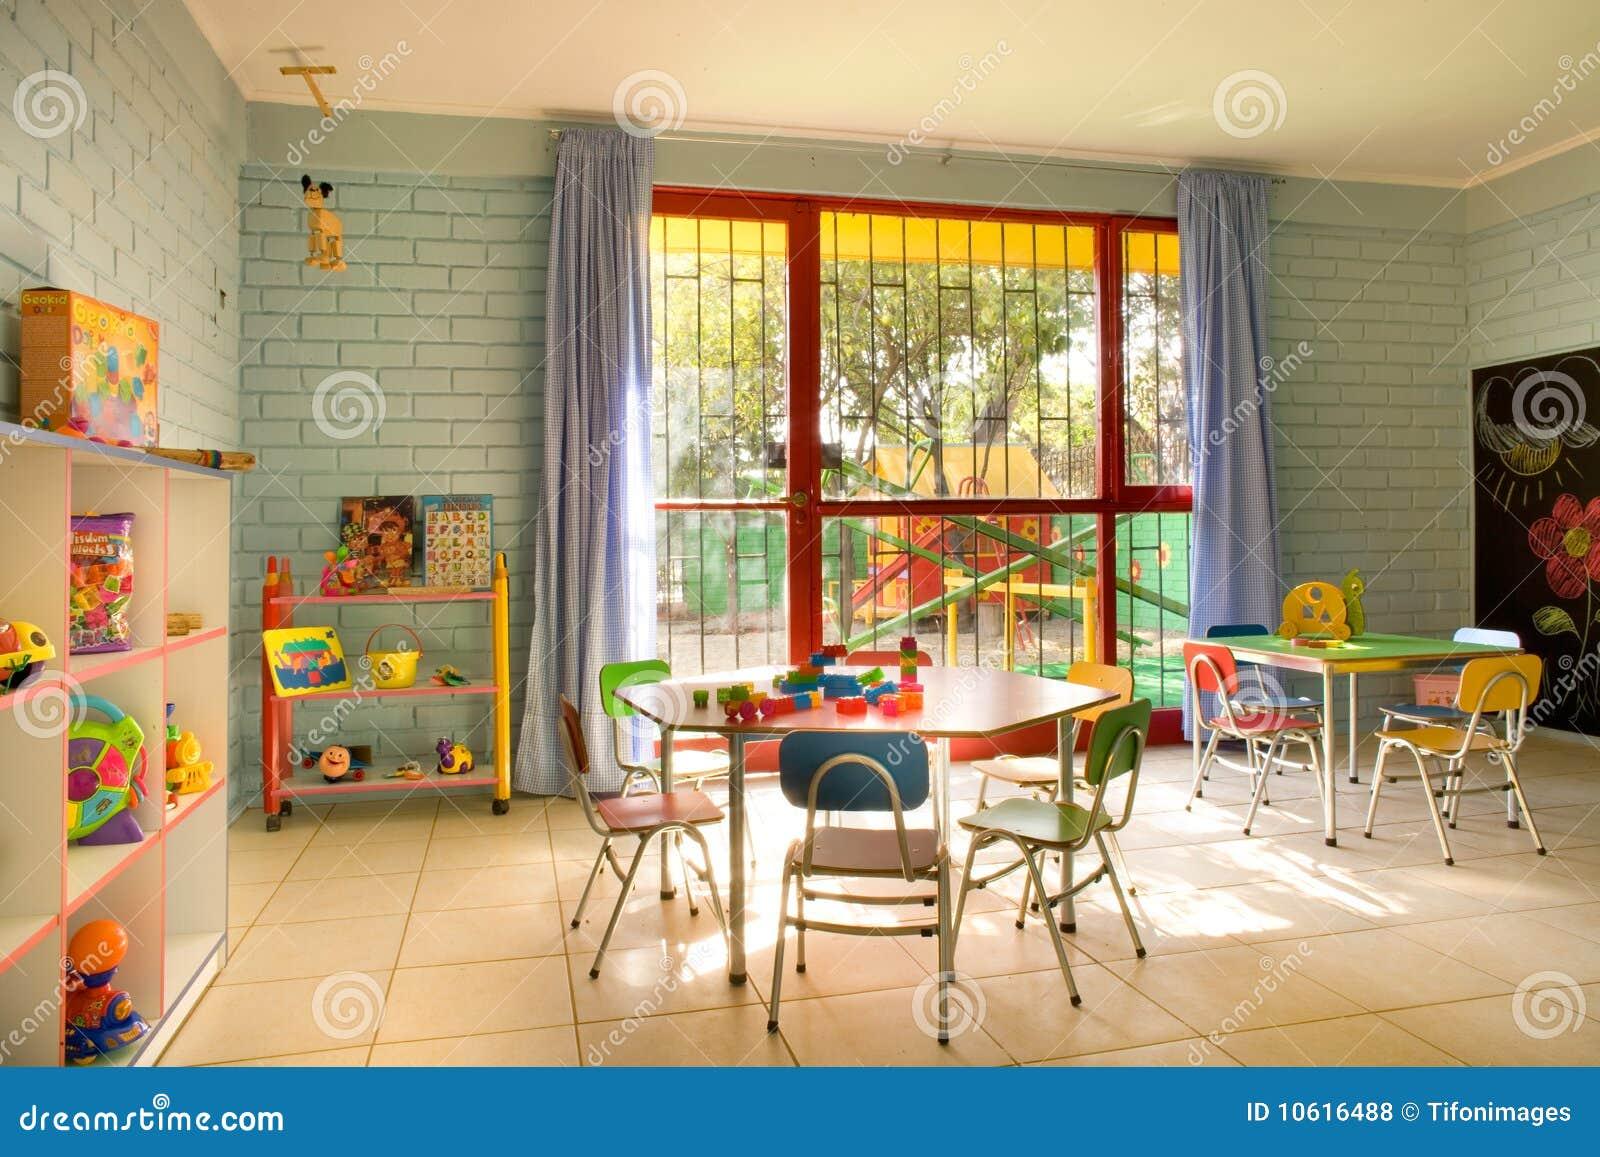 Kinder Garden: Empty Kindergarten Classroom Stock Photo